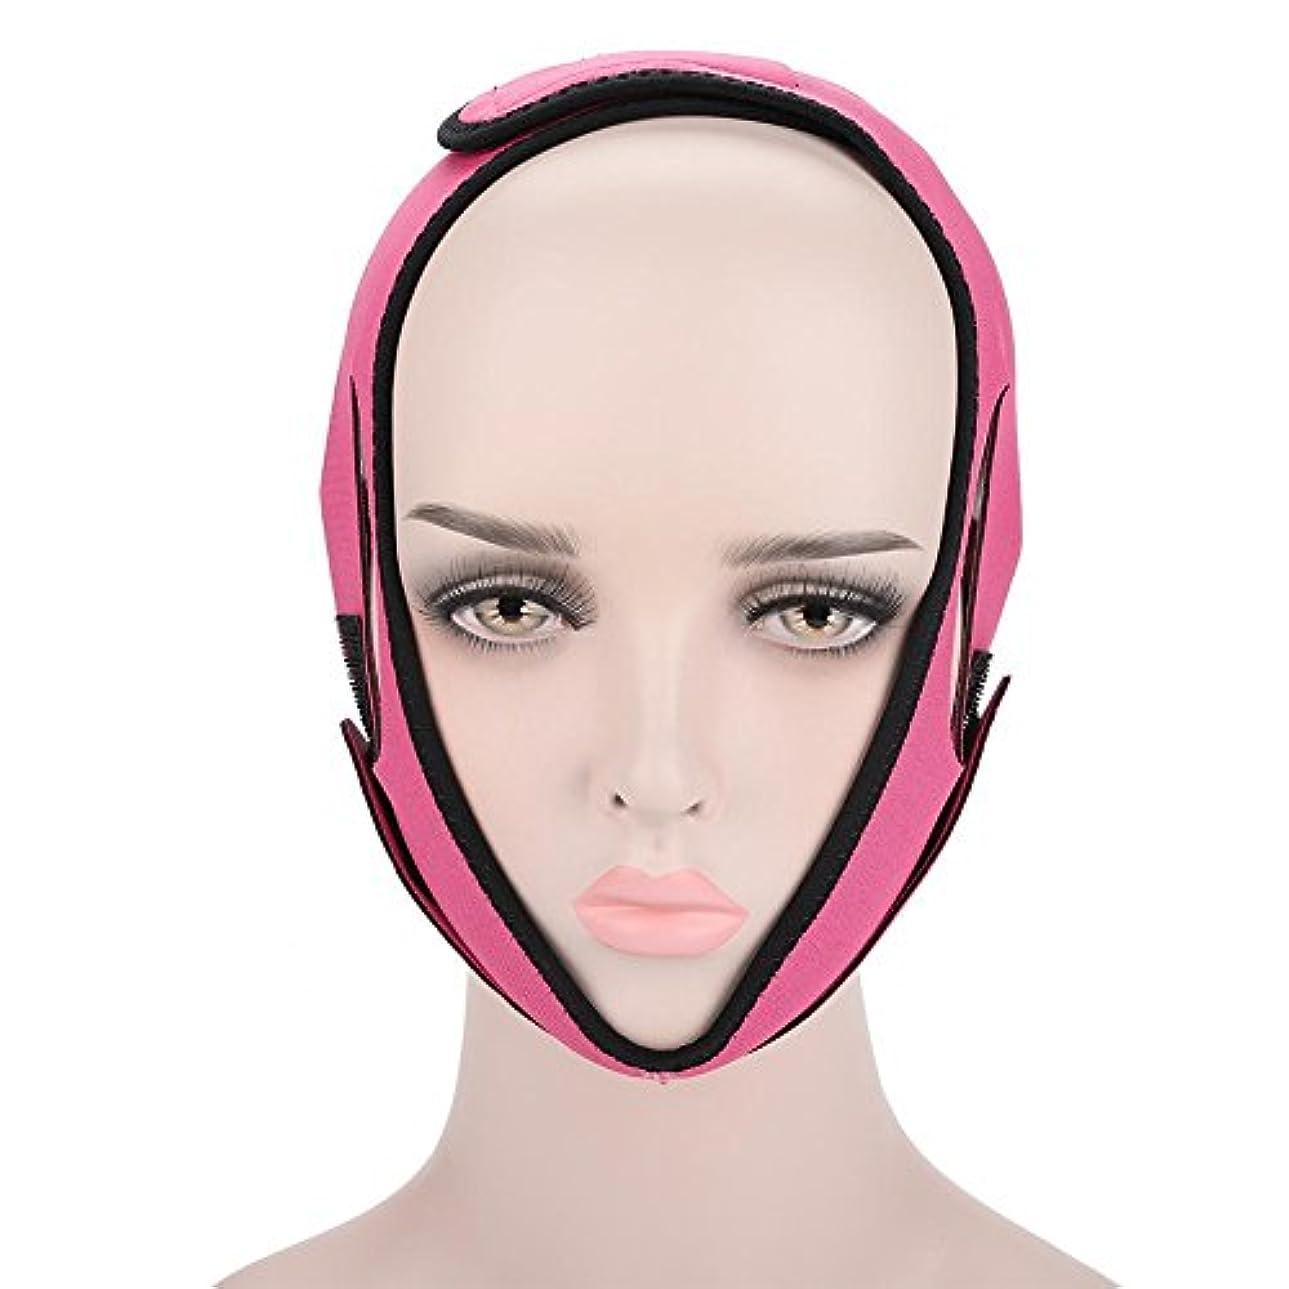 階下公使館隣接するフェイススリミング包帯 顔の包帯フェイシャルスリミングマスクフェイシャルケアのためのフェイシャルベルト薄い首のフェイスリフトダブルチン女性のための(3#)